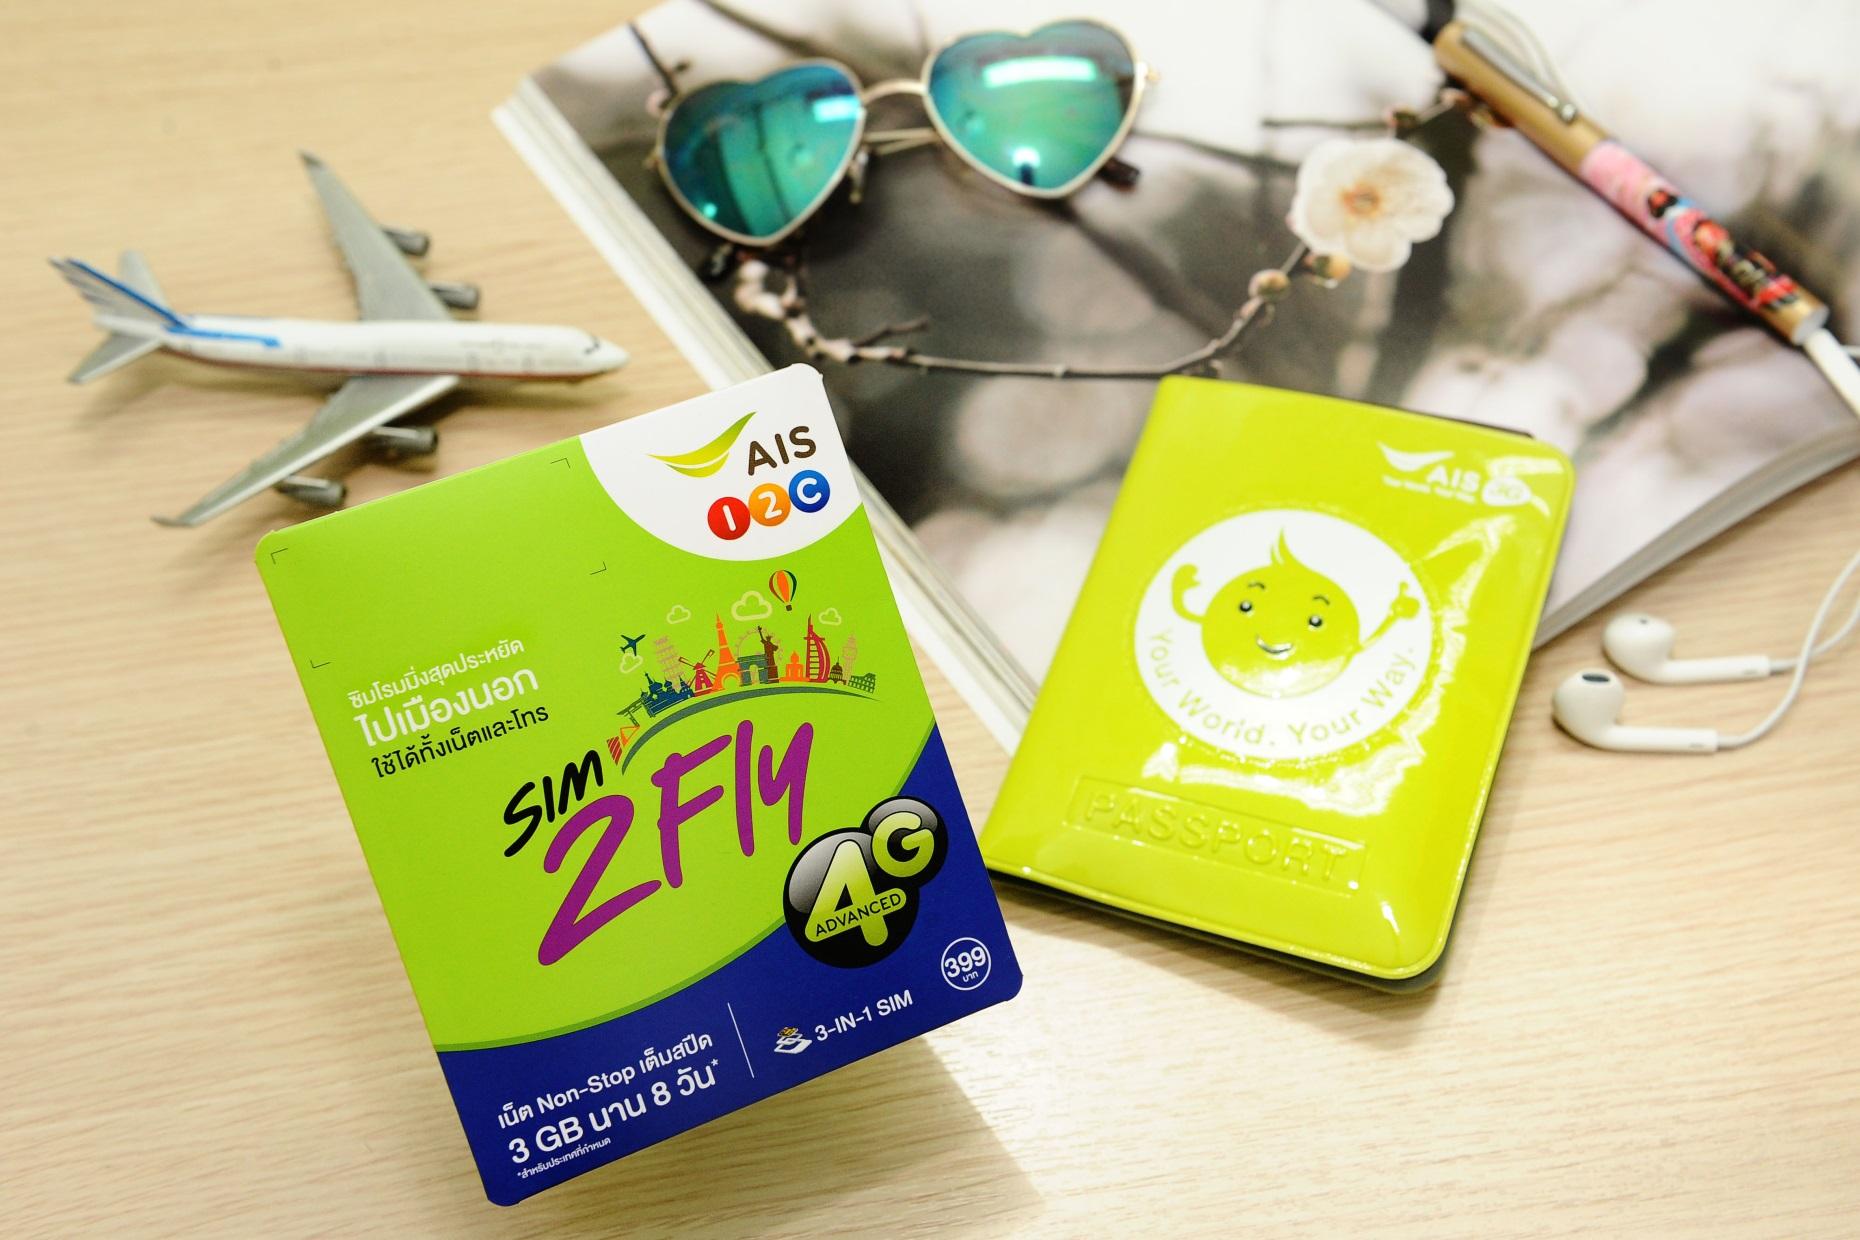 タイの携帯キャリアAISから海外用SIM『SIM 2 Fly』登場